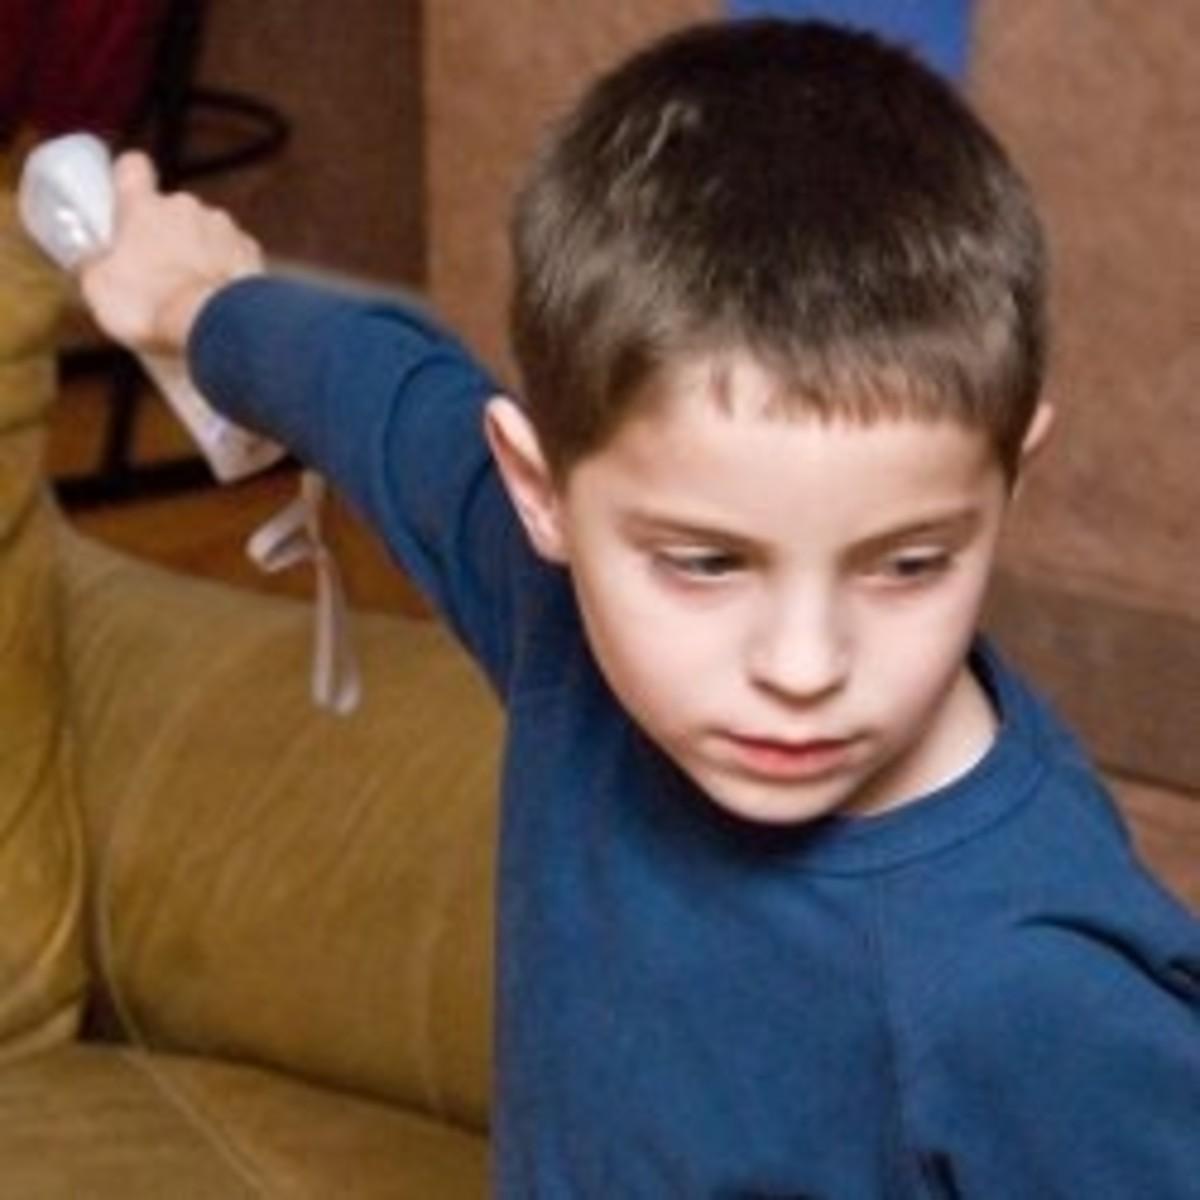 Best Wii Games for Preschoolers